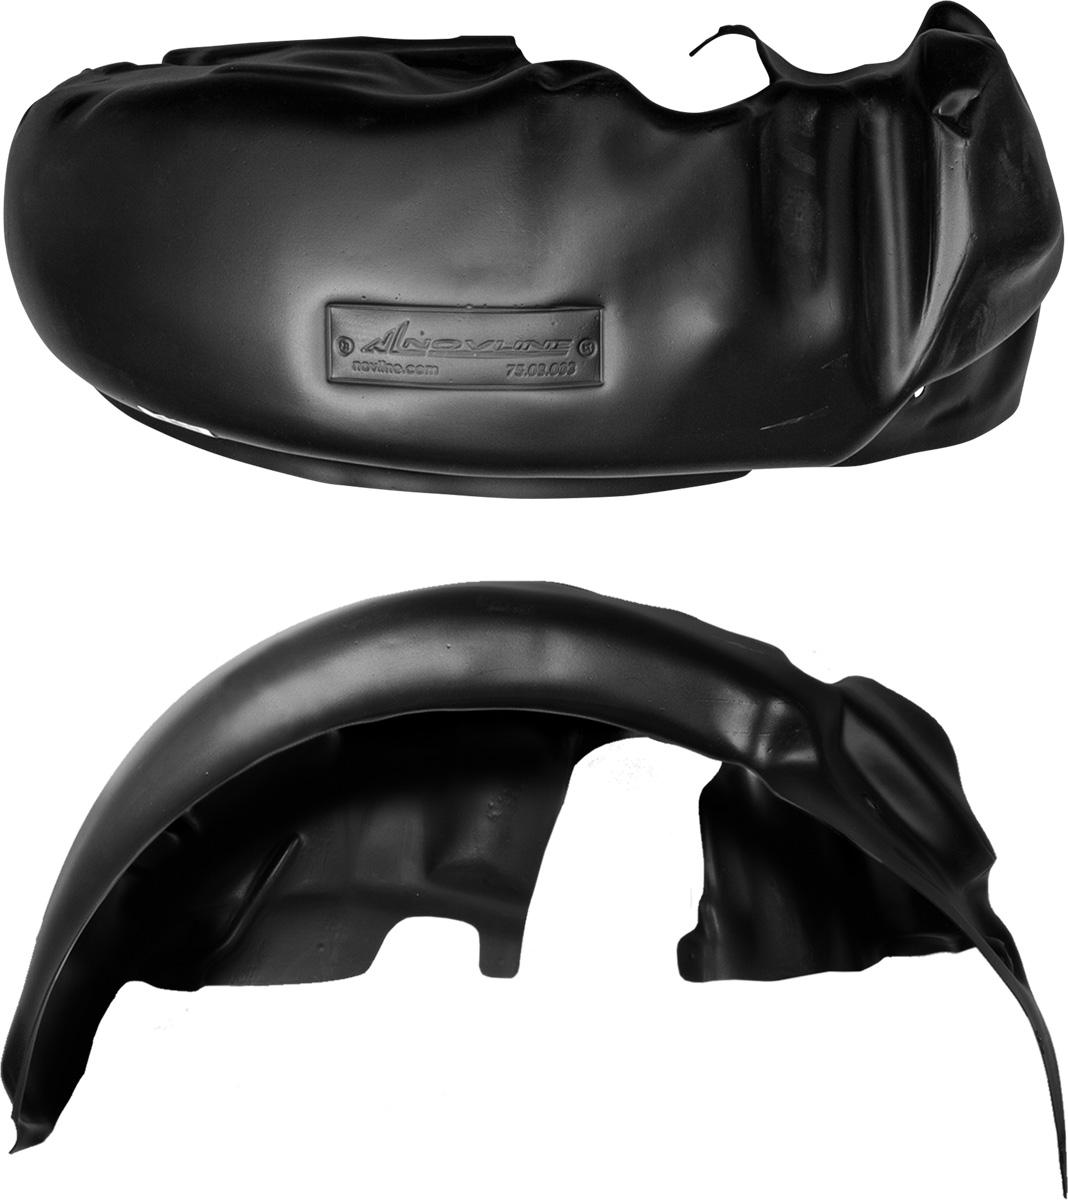 Подкрылок КIА Rio, 04/2015->, седан, задний левыйNLL.25.42.003Колесные ниши – одни из самых уязвимых зон днища вашего автомобиля. Они постоянно подвергаются воздействию со стороны дороги. Лучшая, почти абсолютная защита для них - специально отформованные пластиковые кожухи, которые называются подкрылками, или локерами. Производятся они как для отечественных моделей автомобилей, так и для иномарок. Подкрылки выполнены из высококачественного, экологически чистого пластика. Обеспечивают надежную защиту кузова автомобиля от пескоструйного эффекта и негативного влияния, агрессивных антигололедных реагентов. Пластик обладает более низкой теплопроводностью, чем металл, поэтому в зимний период эксплуатации использование пластиковых подкрылков позволяет лучше защитить колесные ниши от налипания снега и образования наледи. Оригинальность конструкции подчеркивает элегантность автомобиля, бережно защищает нанесенное на днище кузова антикоррозийное покрытие и позволяет осуществить крепление подкрылков внутри колесной арки практически без дополнительного...